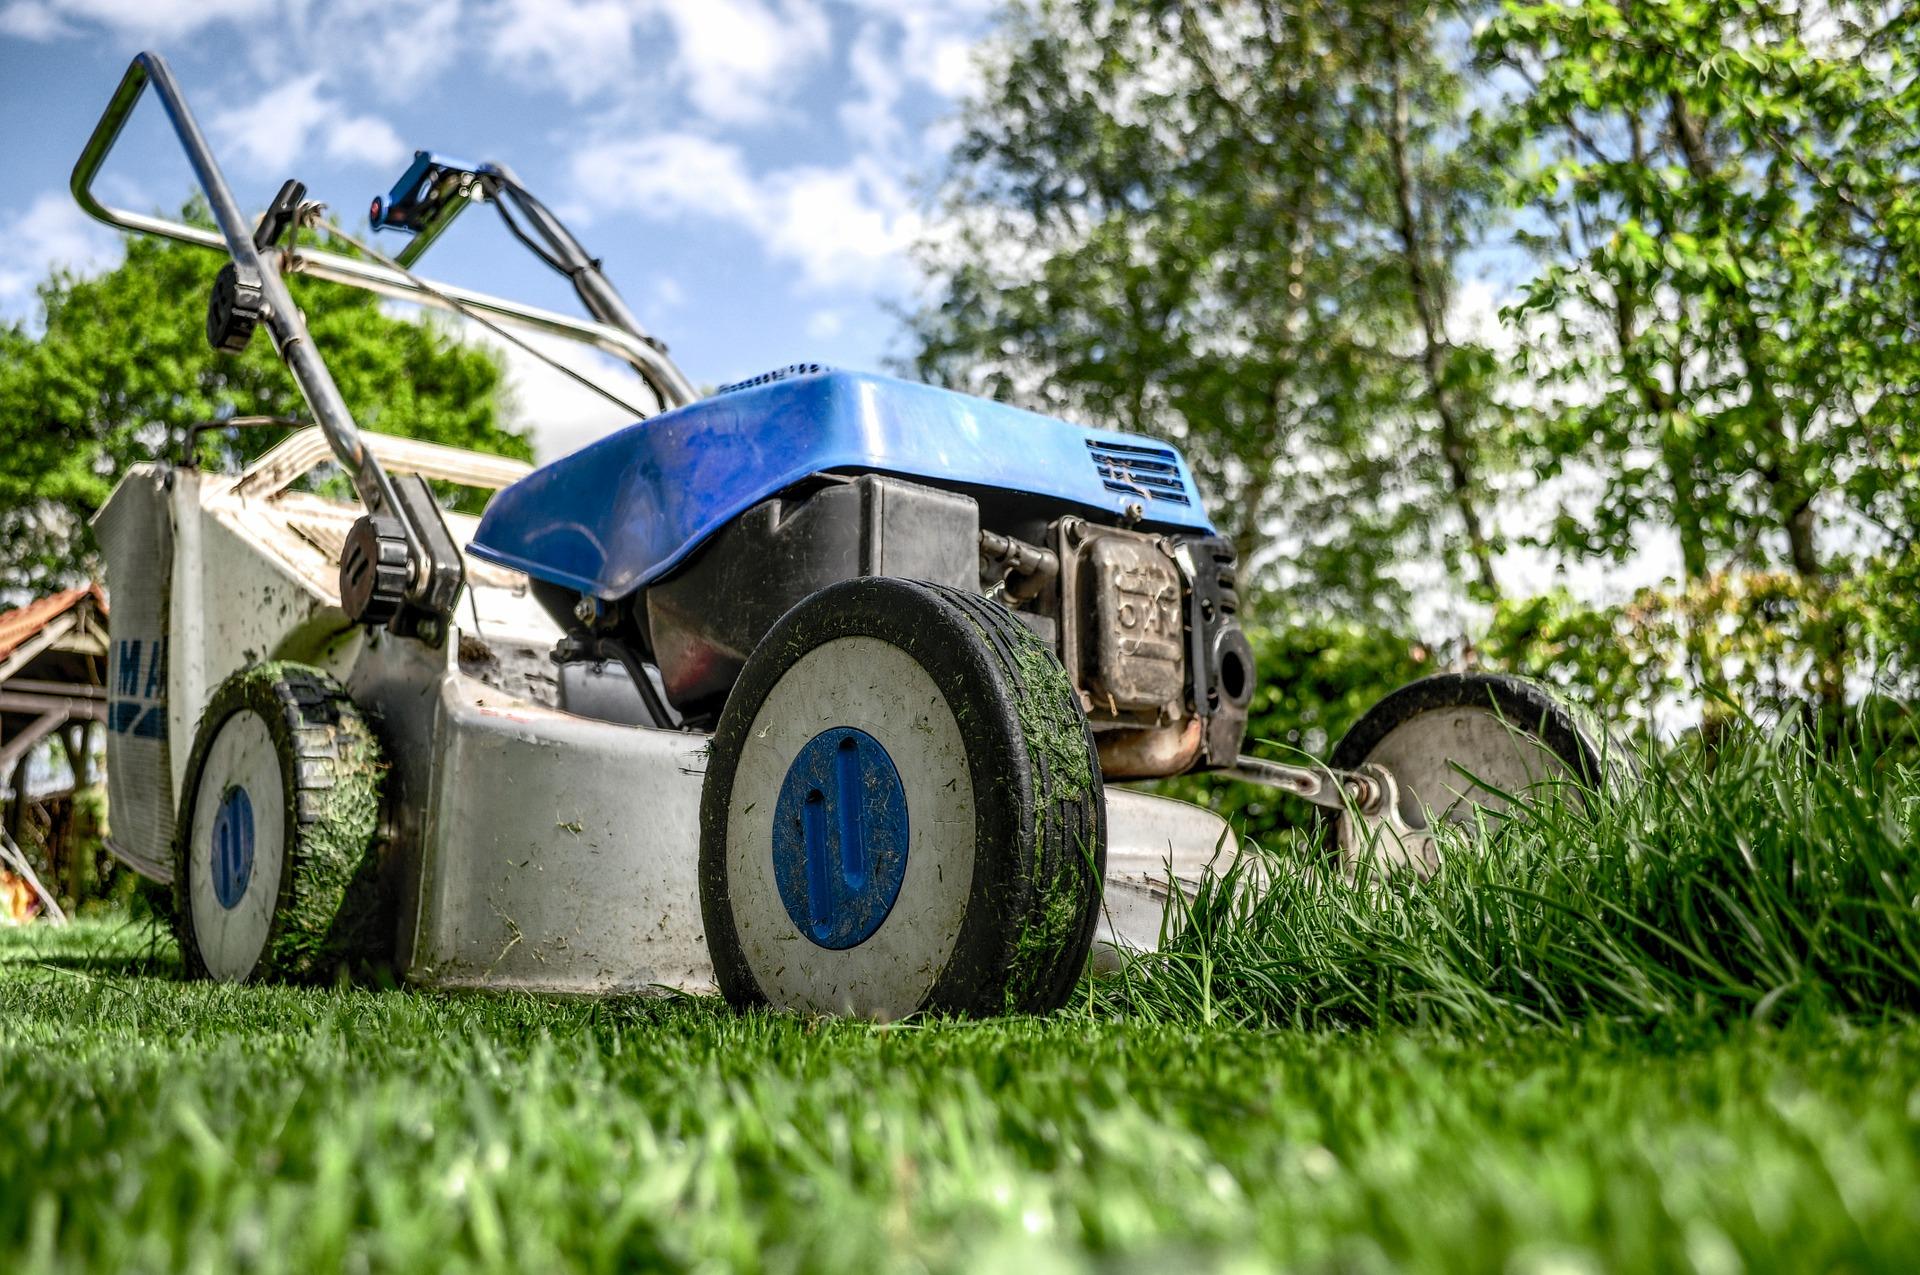 """"""" Lawnmower """" by  Skitterphoto  is  public domain ."""